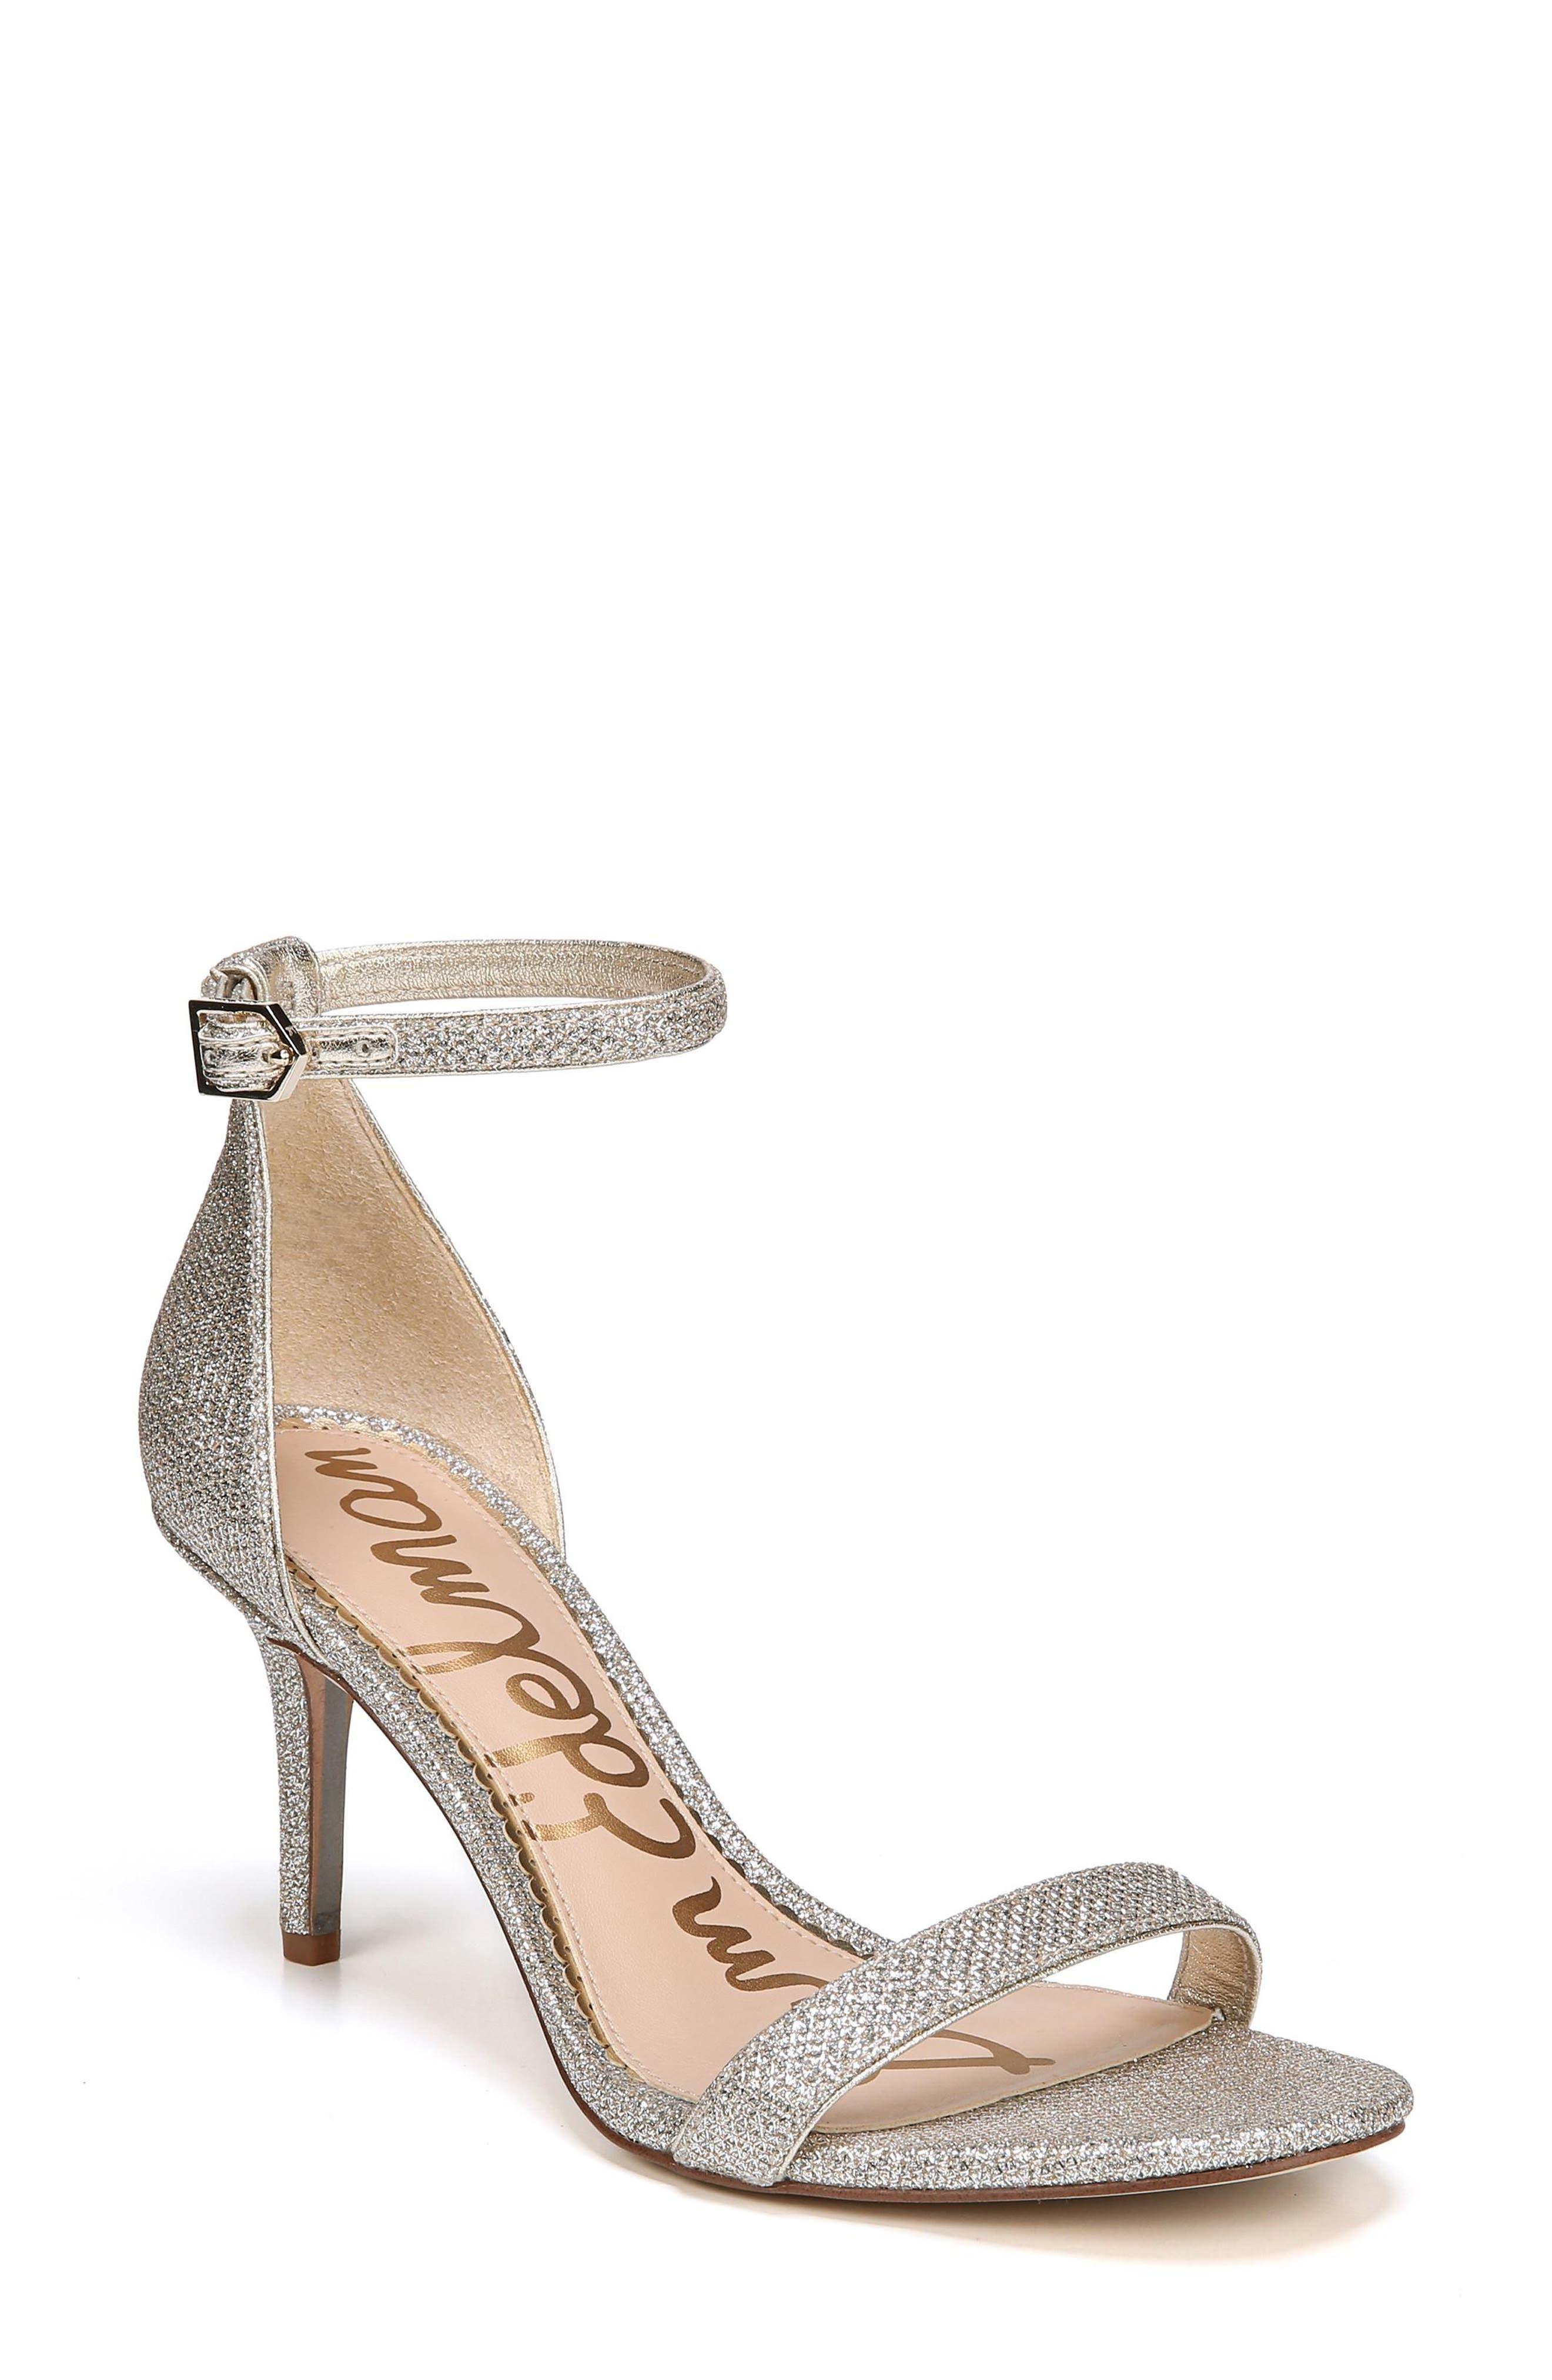 'Patti' Ankle Strap Sandal,                             Main thumbnail 1, color,                             Jute Fabric